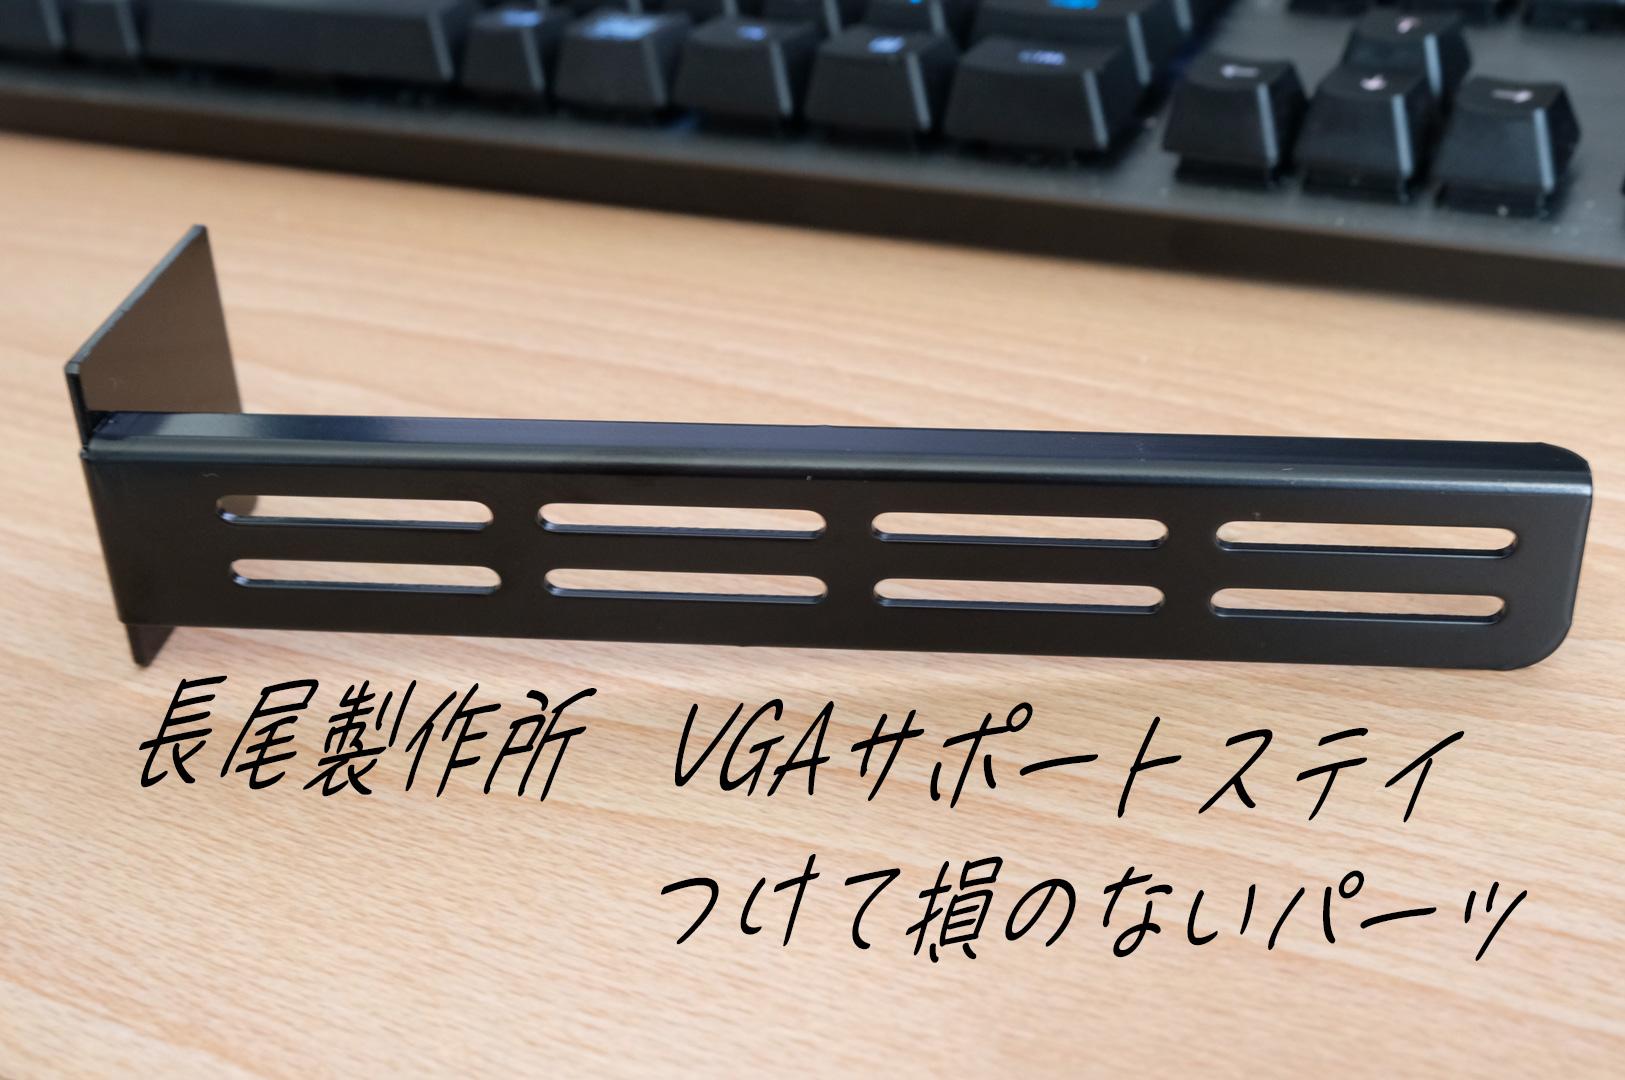 大きなグラフィックボードの垂れ下がりを防ぐ。「長尾製作所 VGAサポートステイ」